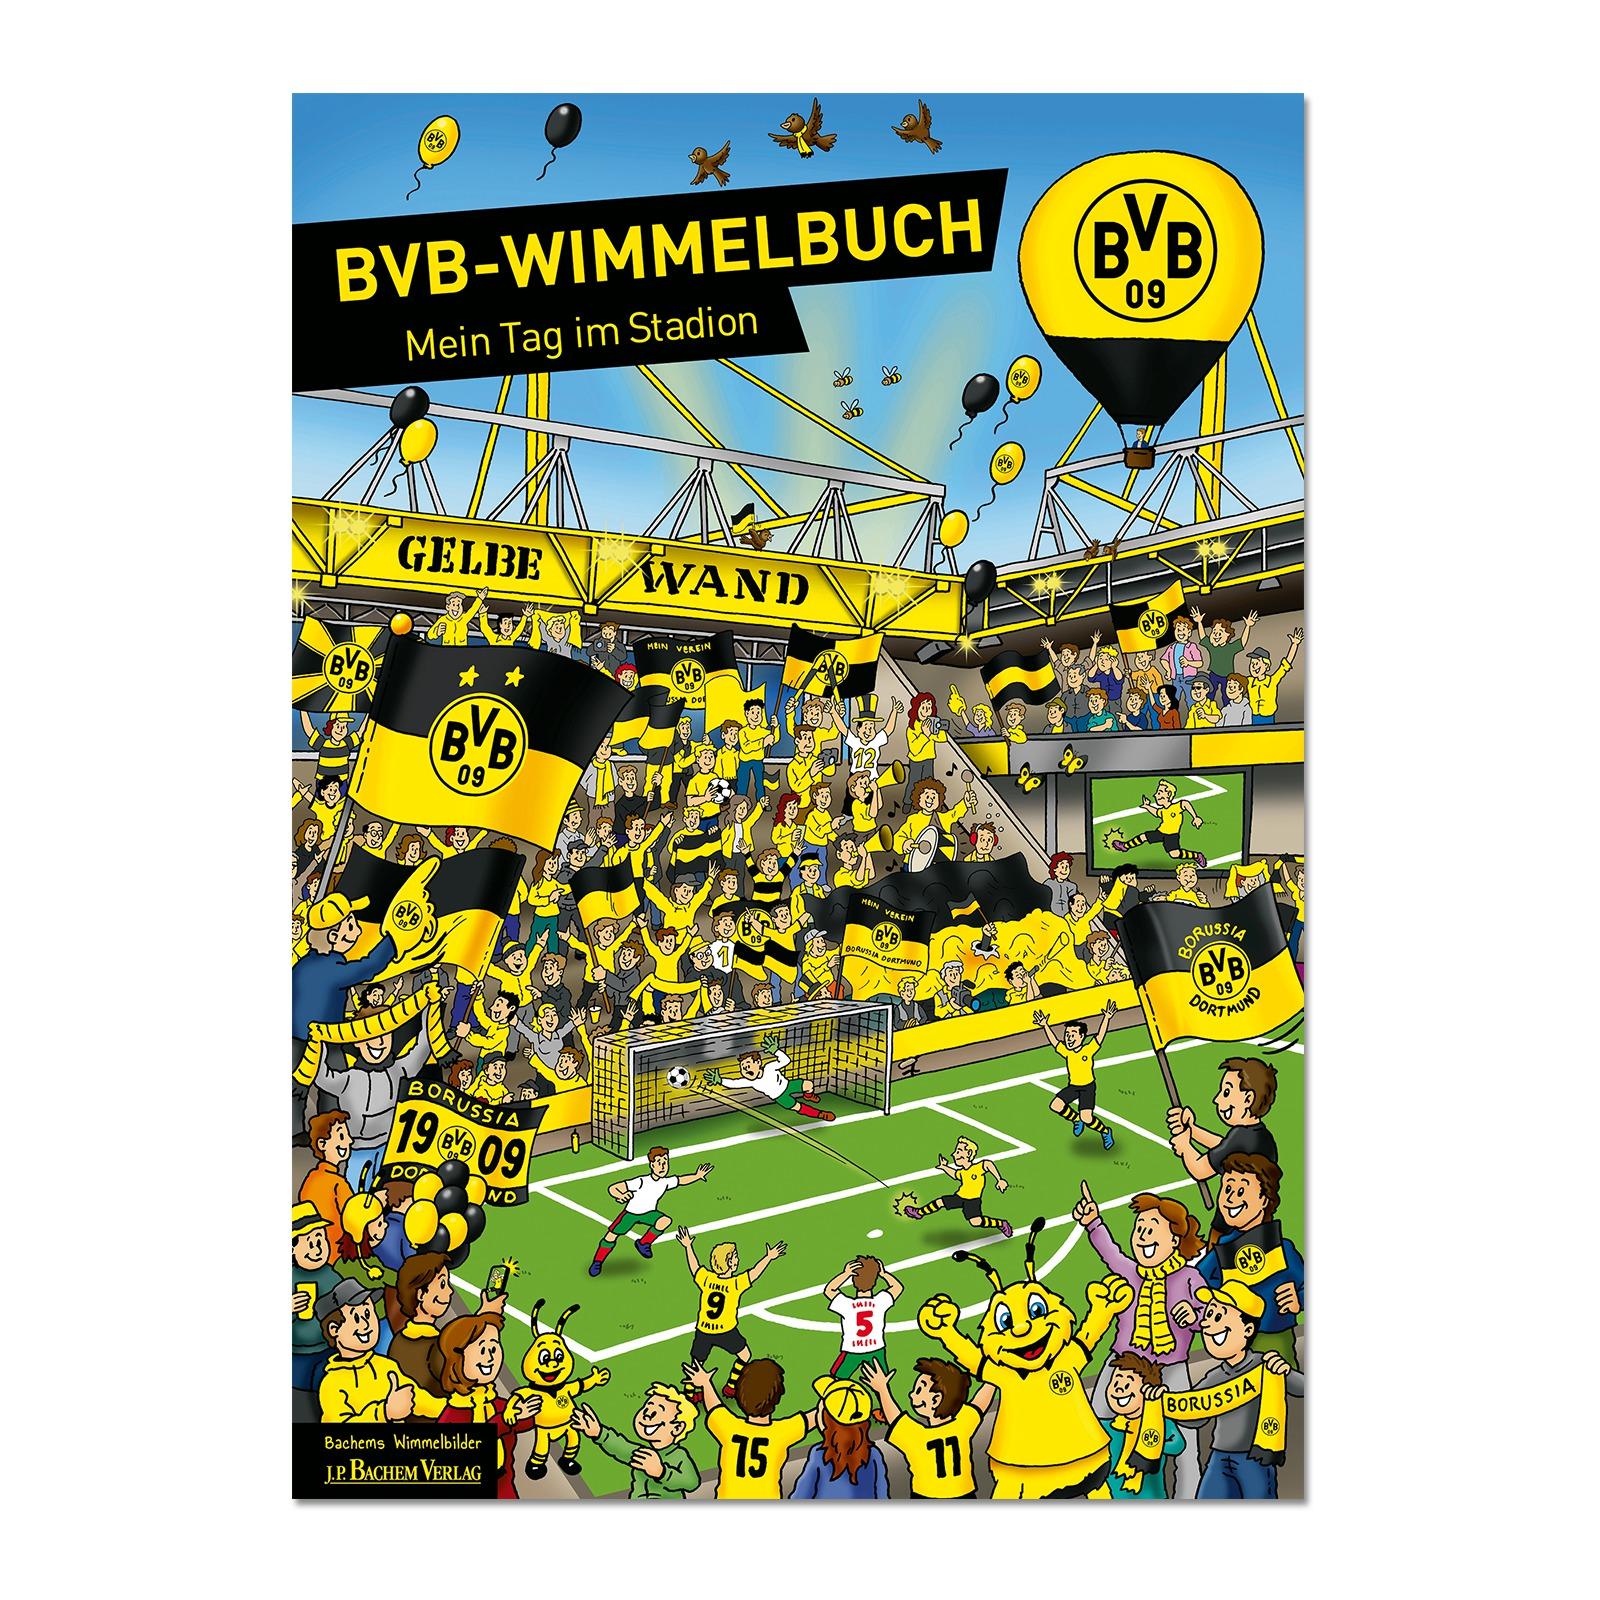 bvb wimmelbuch spielwaren kinder offizieller bvb online fanshop. Black Bedroom Furniture Sets. Home Design Ideas